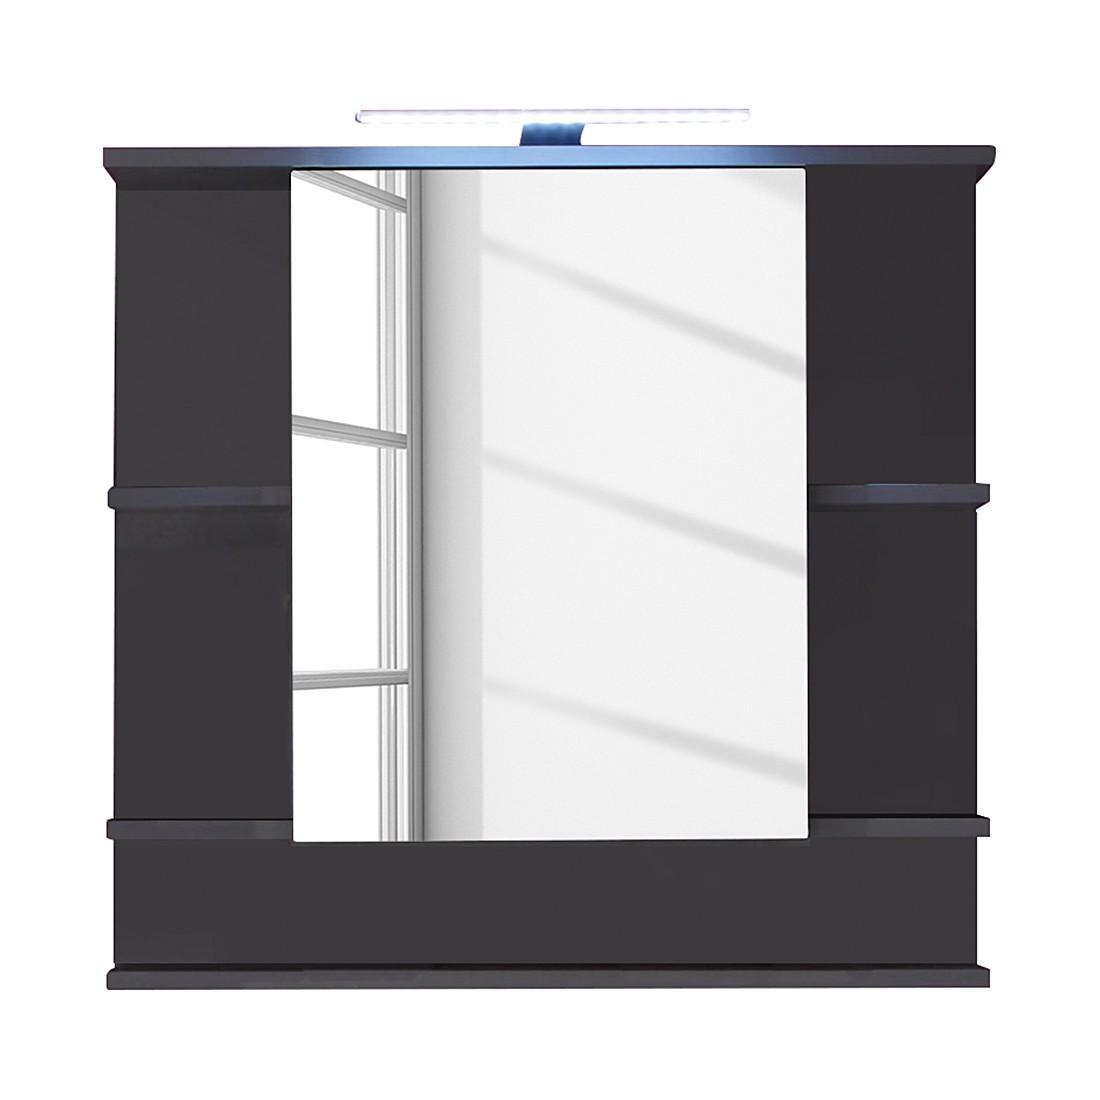 EEK A+, Luminaires pour armoire avec miroir, Trendteam